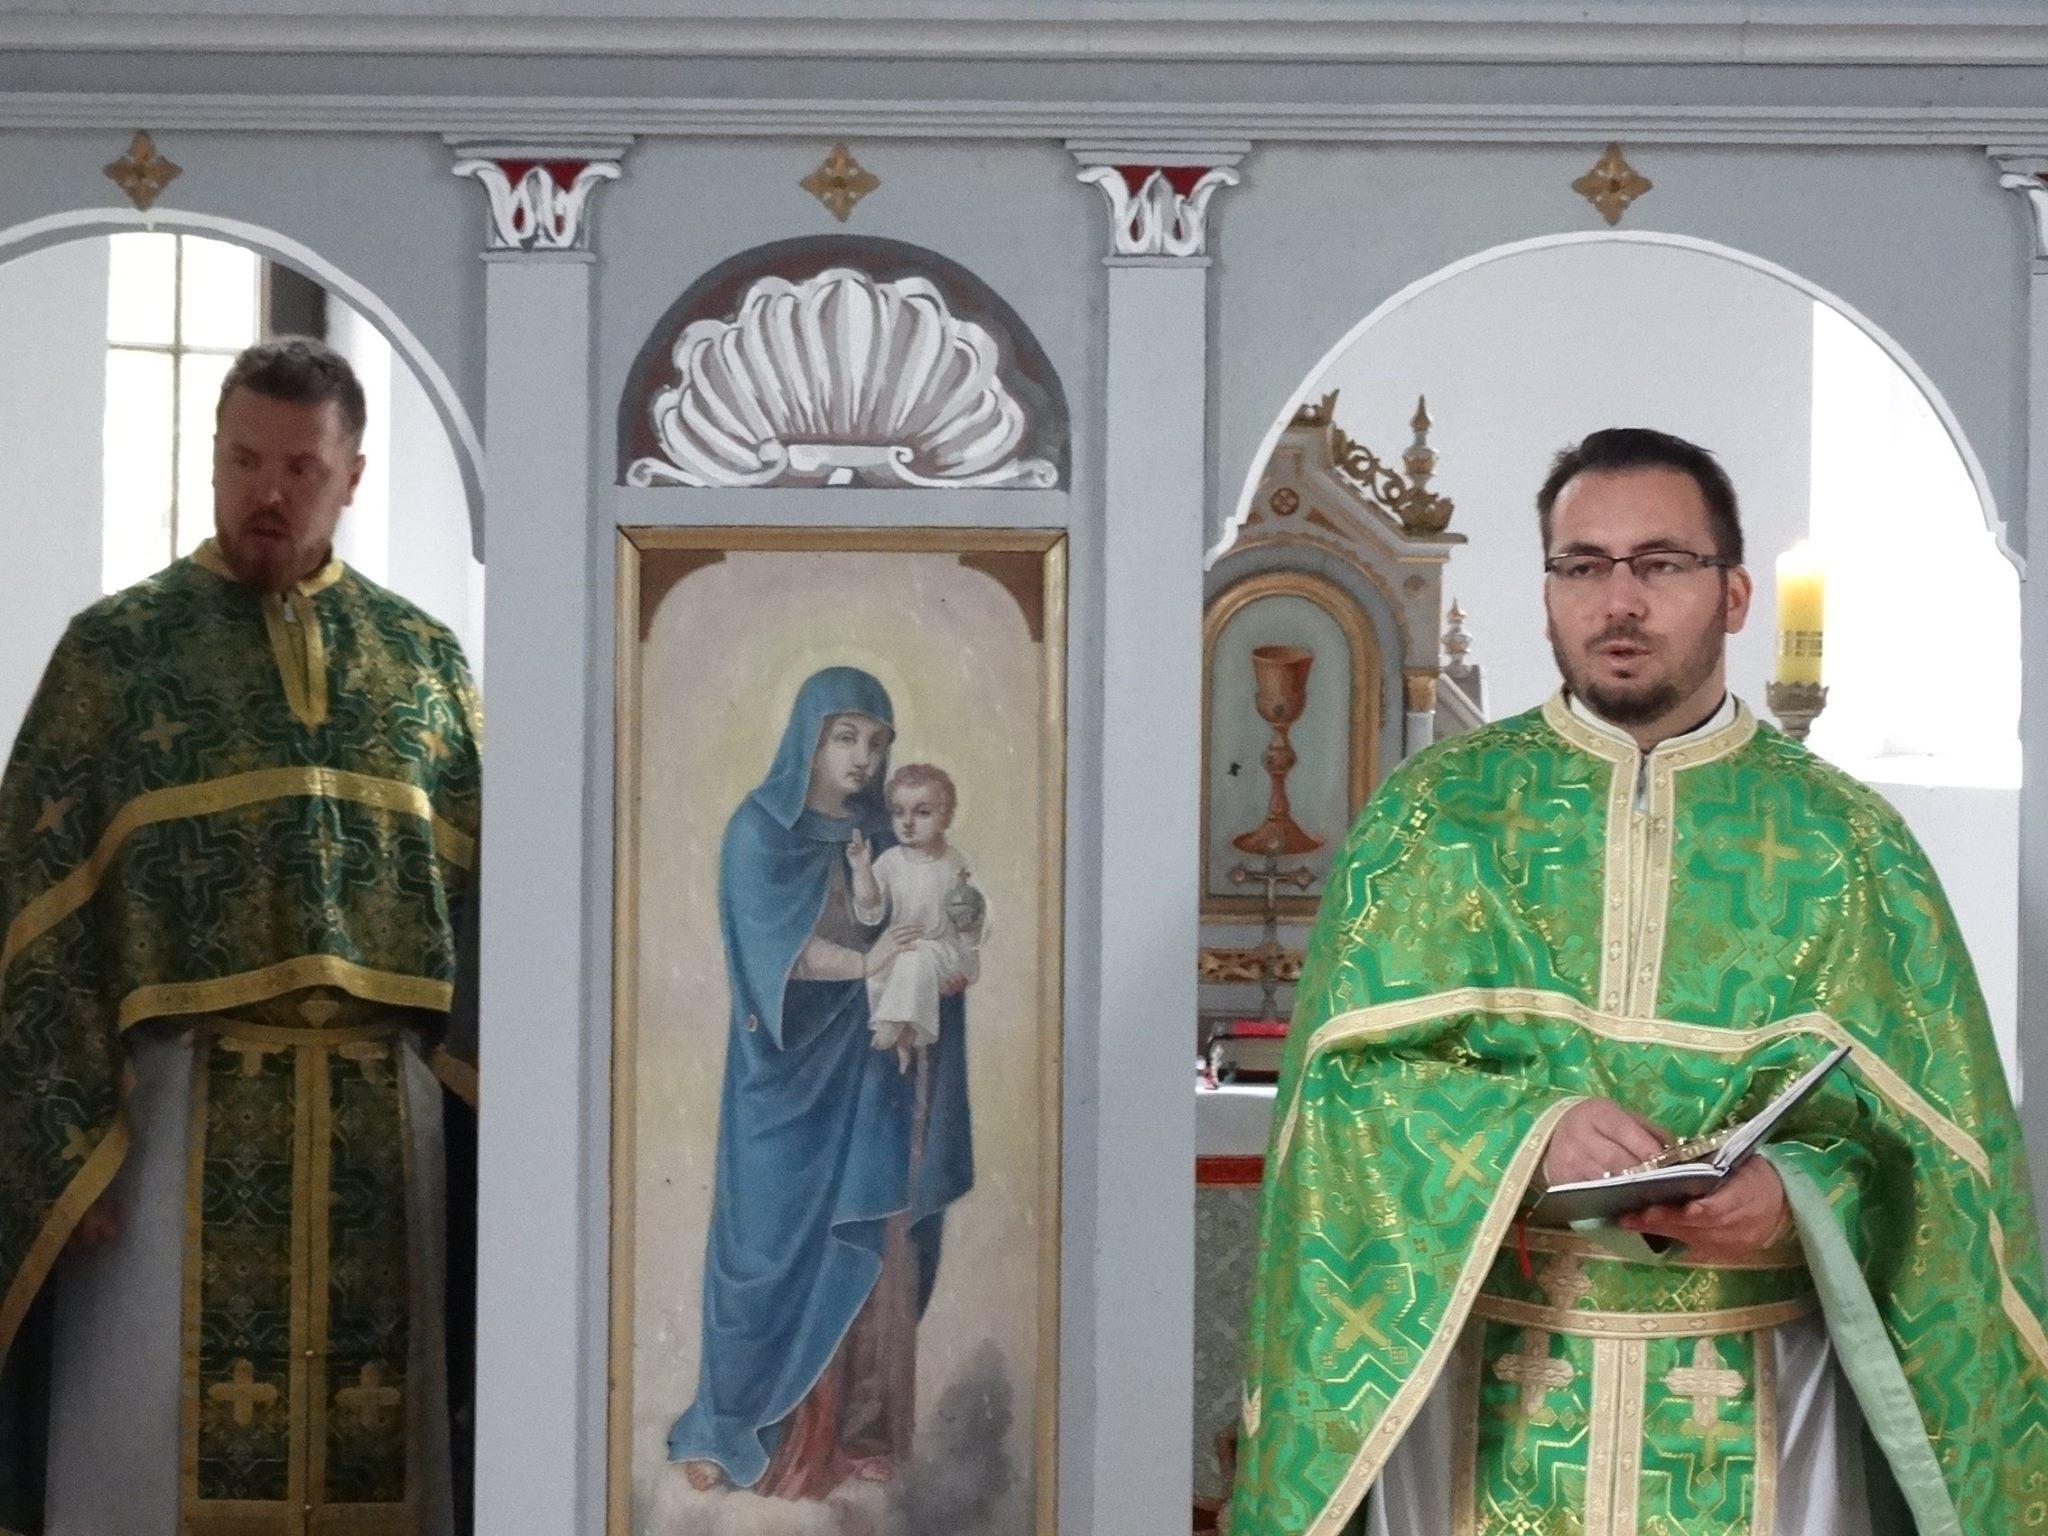 Liturgijom obilježen blagdan Duhova u Dančulovićima